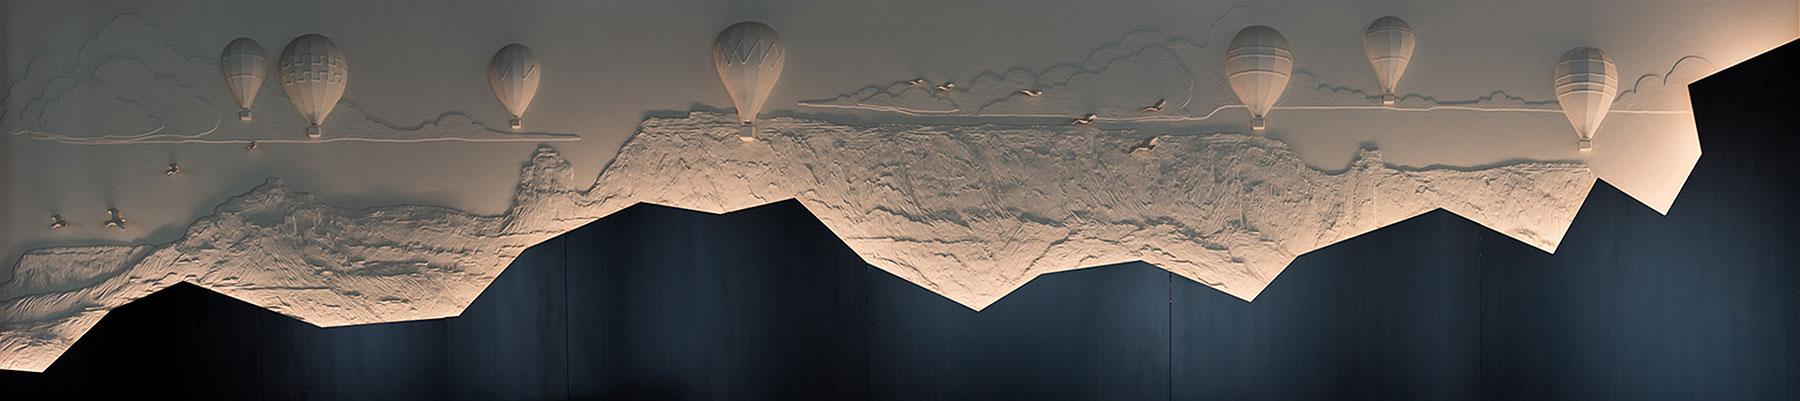 Ron Rundo / Balloons / Wall Sculpture